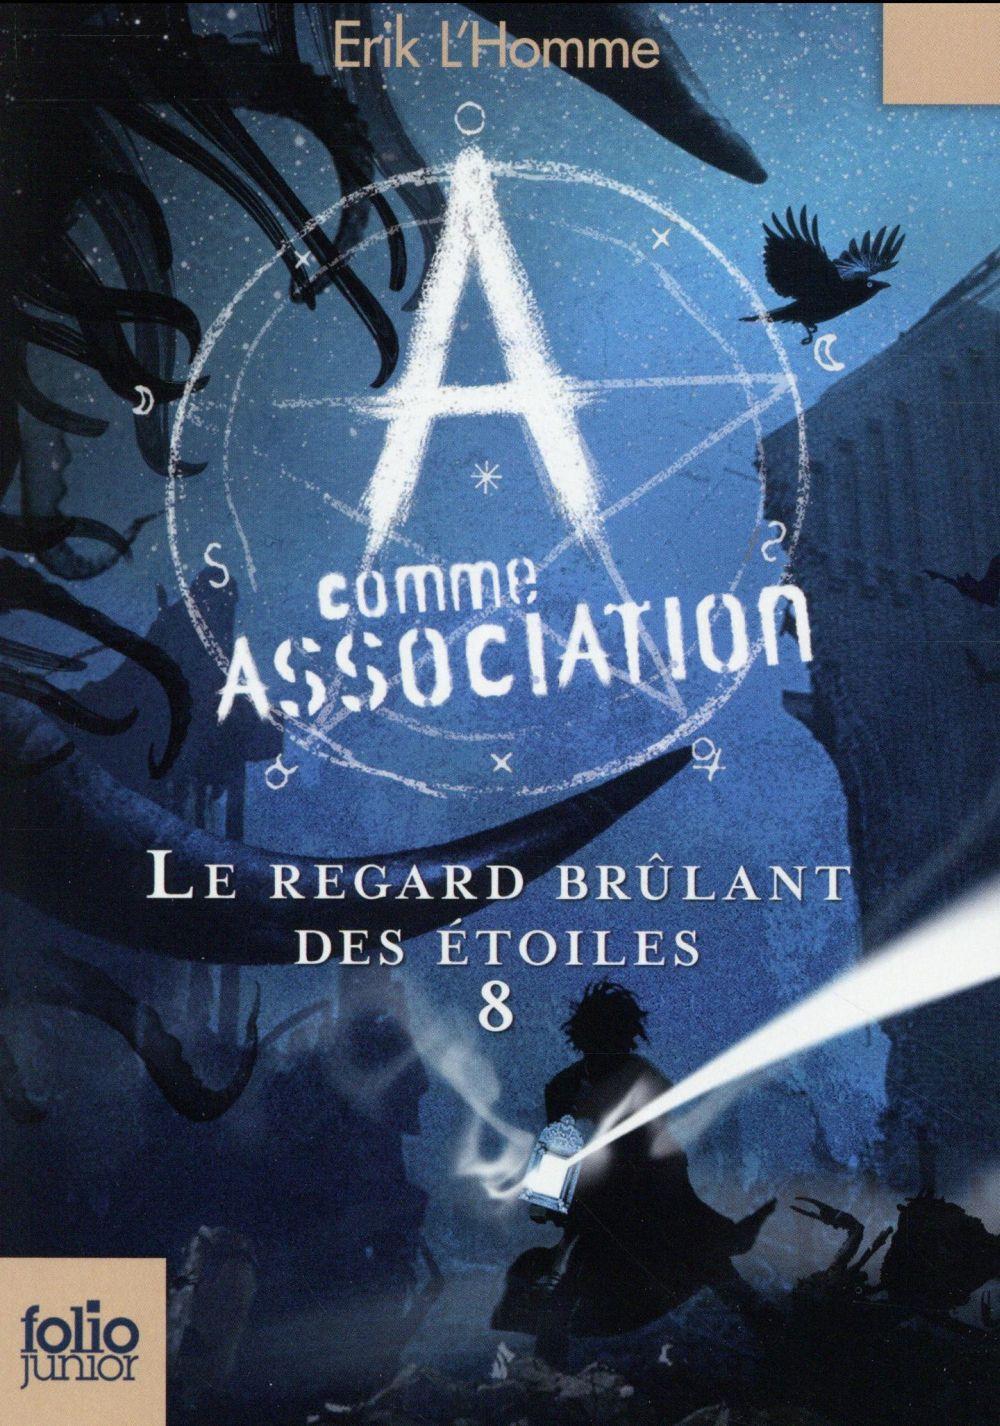 A COMME ASSOCIATION T.8  -  LE REGARD BRULANT DES ETOILES L'HOMME ERIK Gallimard-Jeunesse